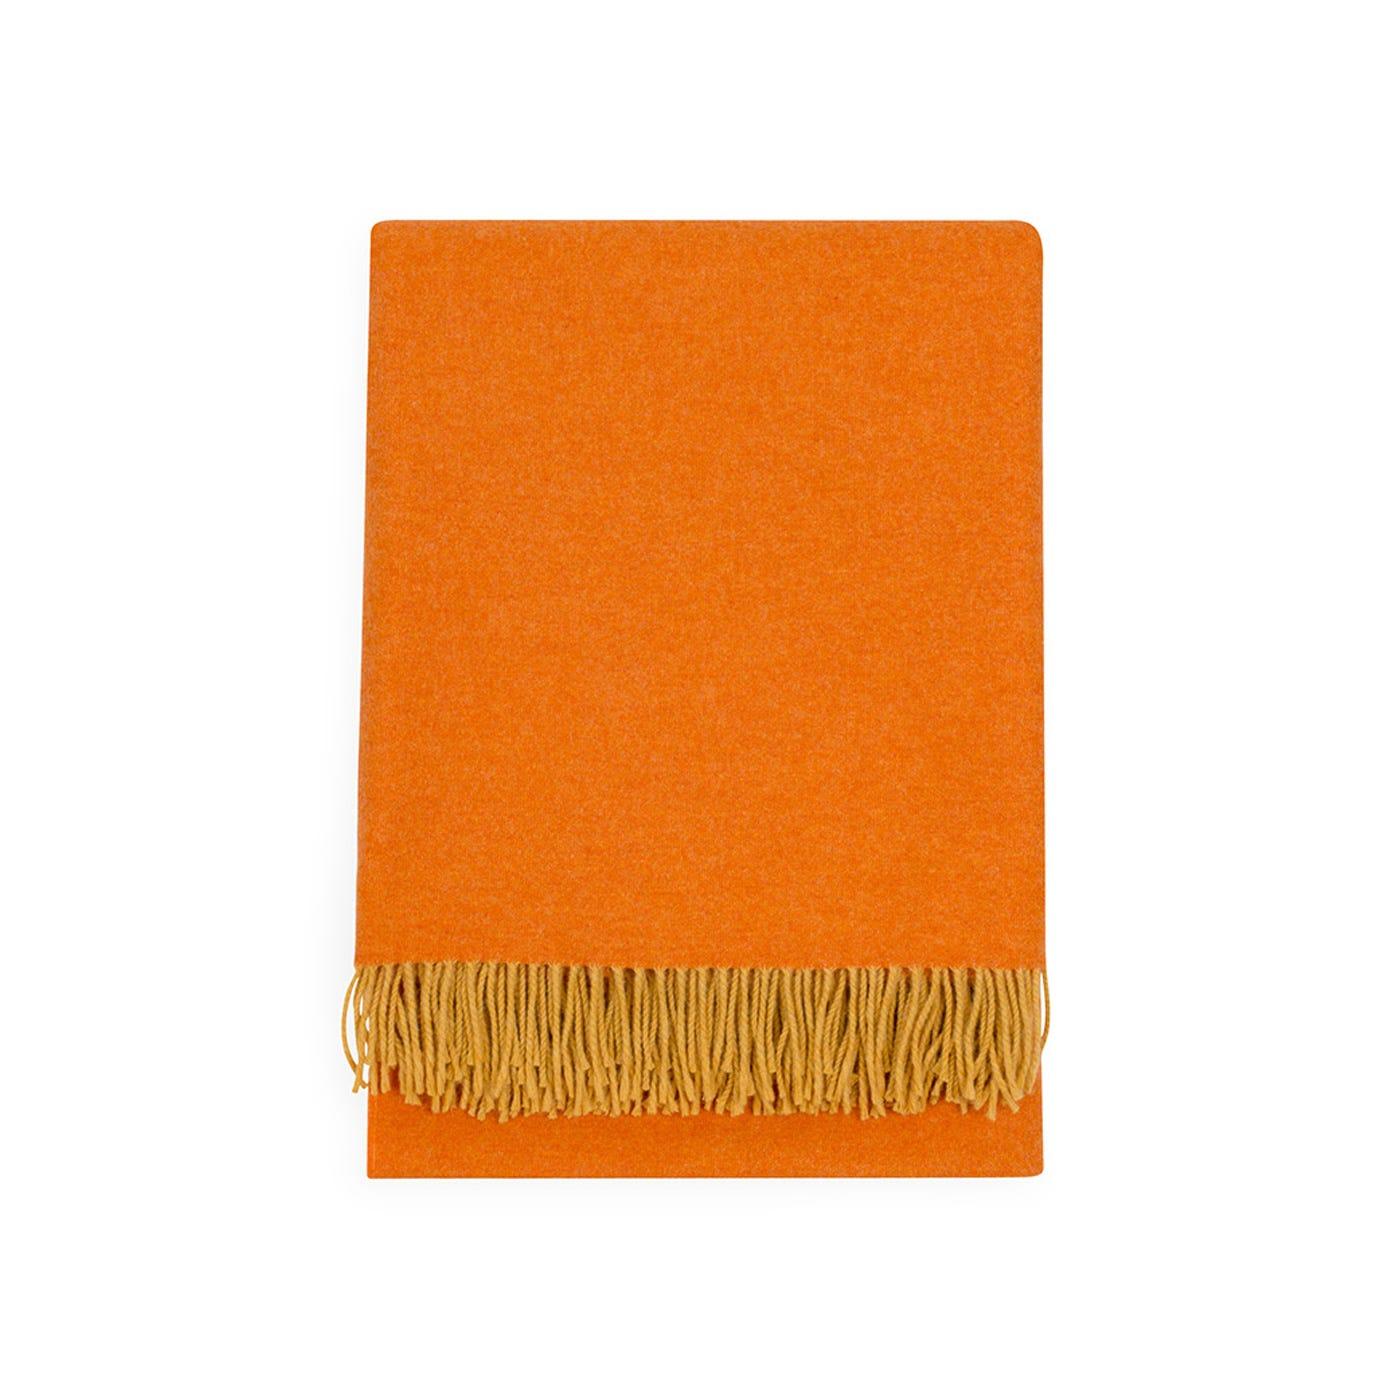 Two Tone Merino Throw Orange